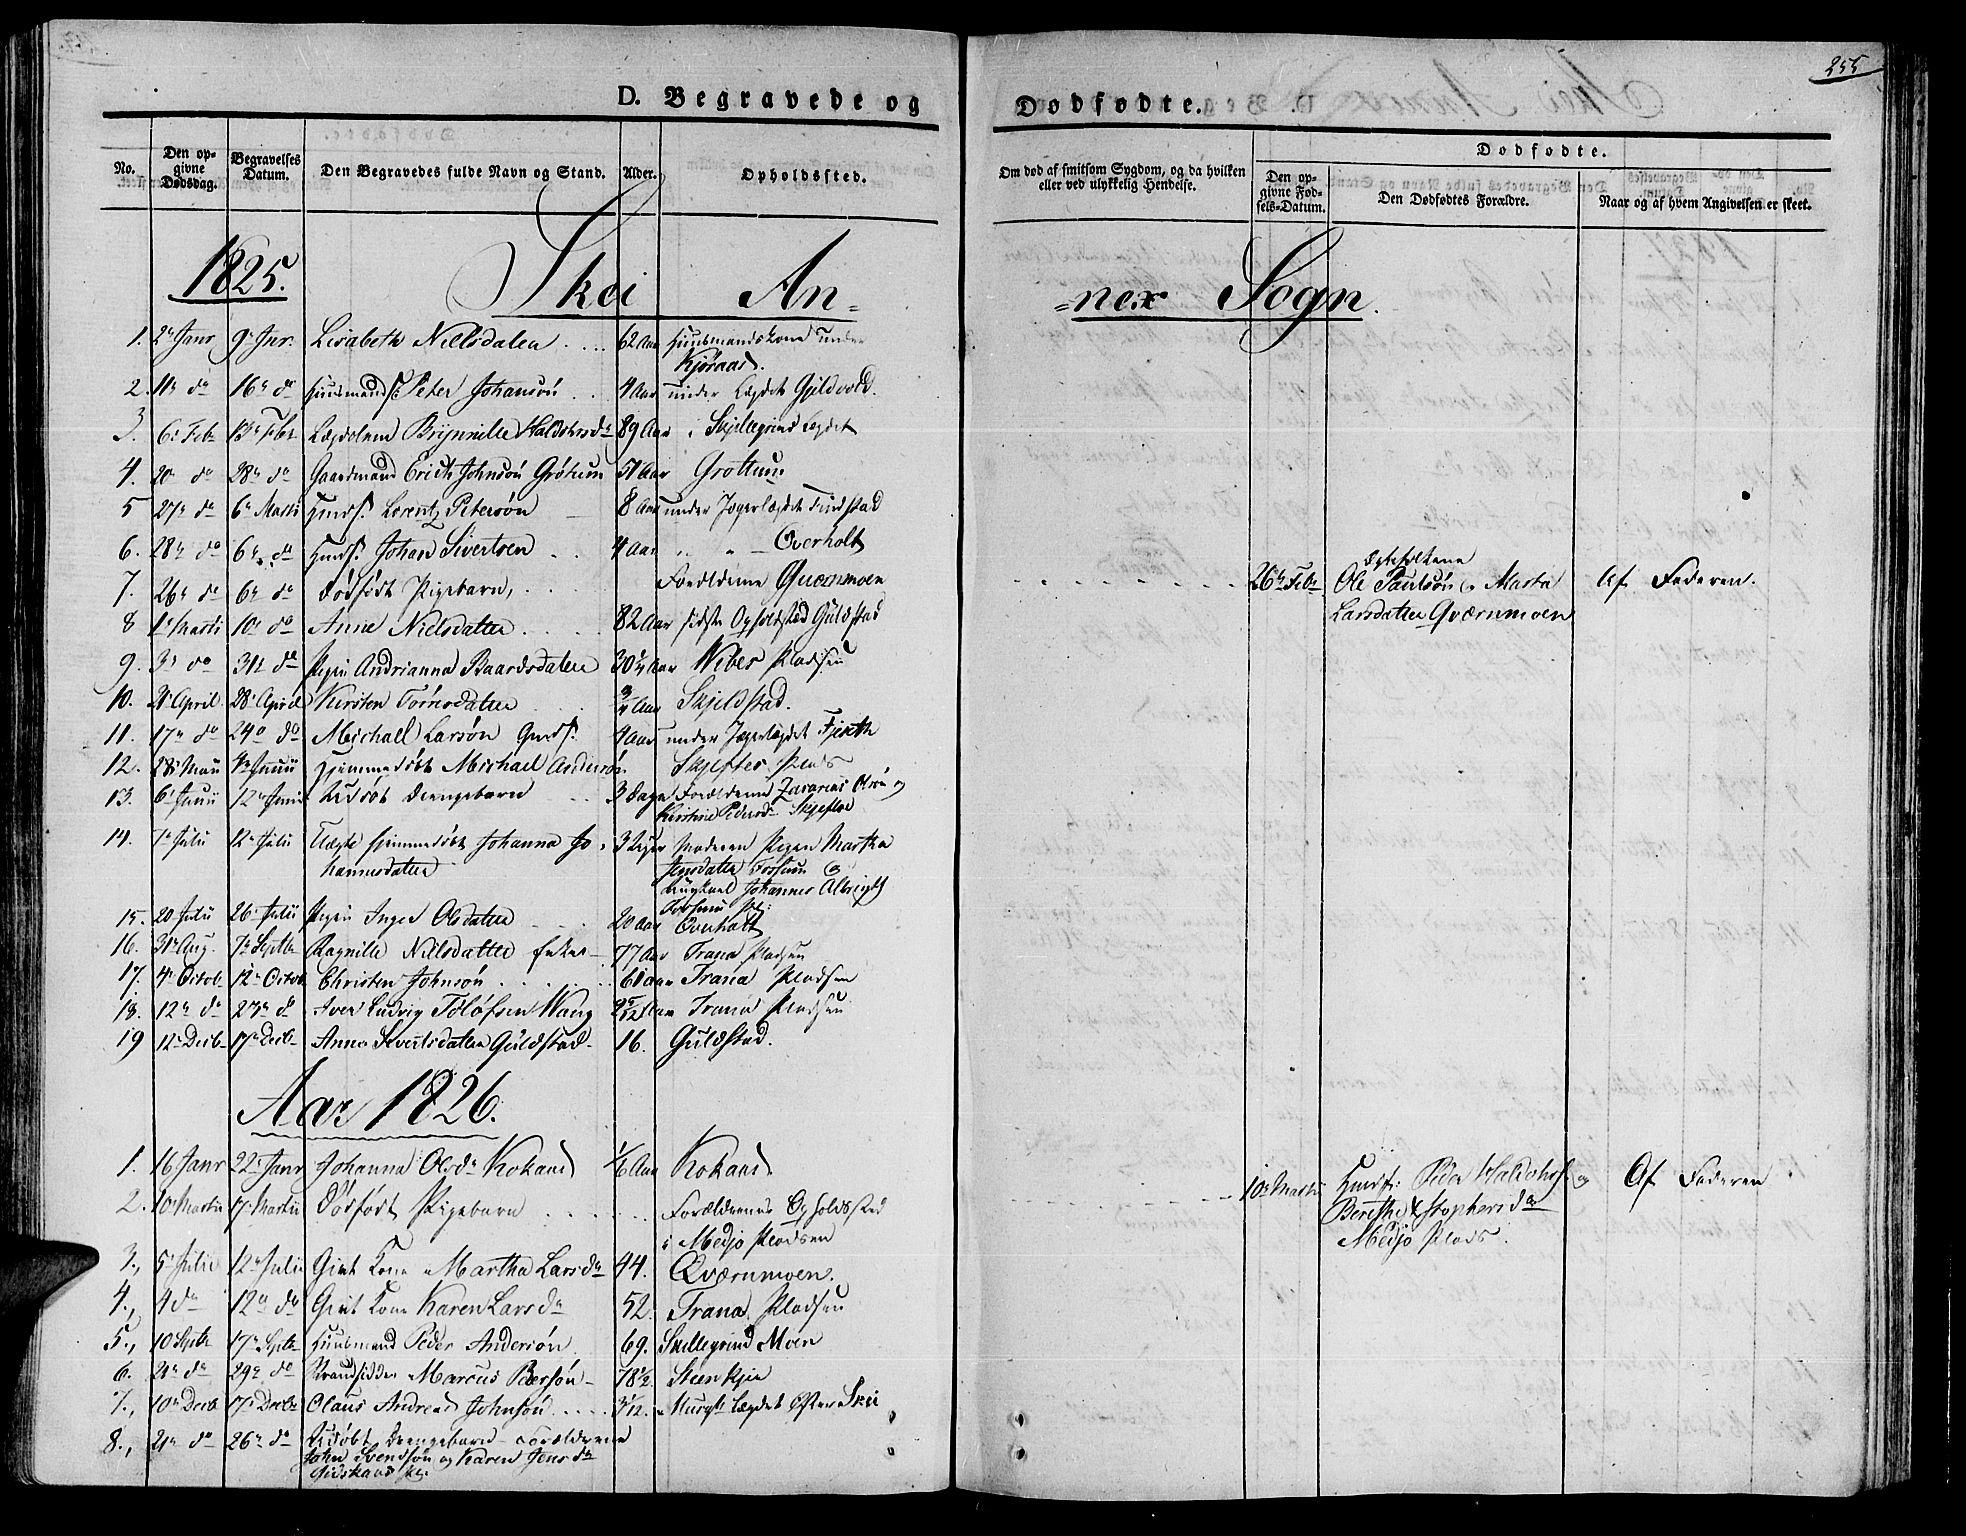 SAT, Ministerialprotokoller, klokkerbøker og fødselsregistre - Nord-Trøndelag, 735/L0336: Parish register (official) no. 735A05 /2, 1825-1835, p. 255